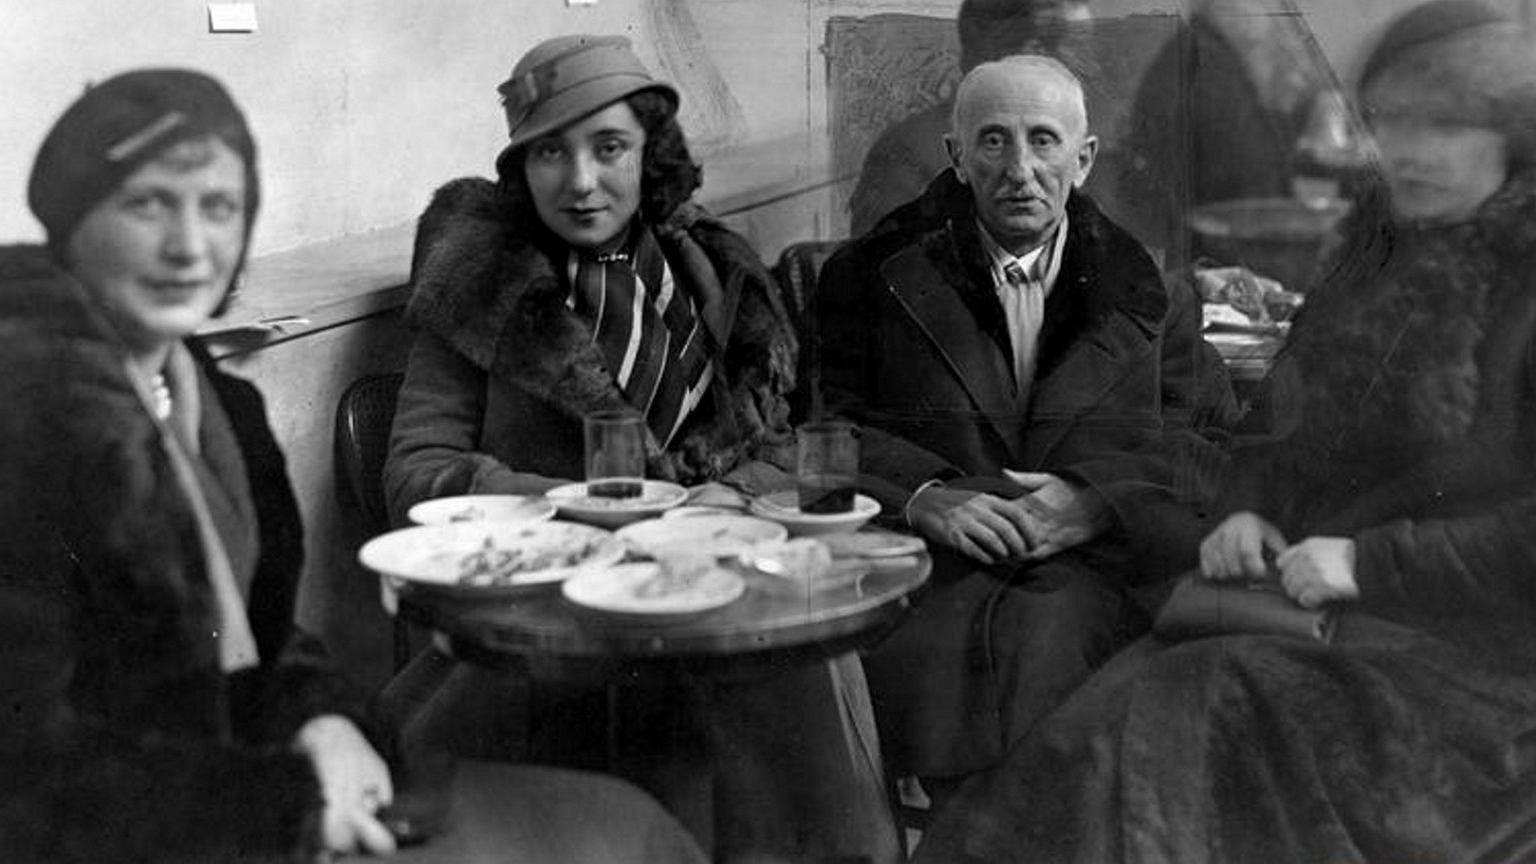 Leśmian z córką Wandą i znajomymi w kawiarni